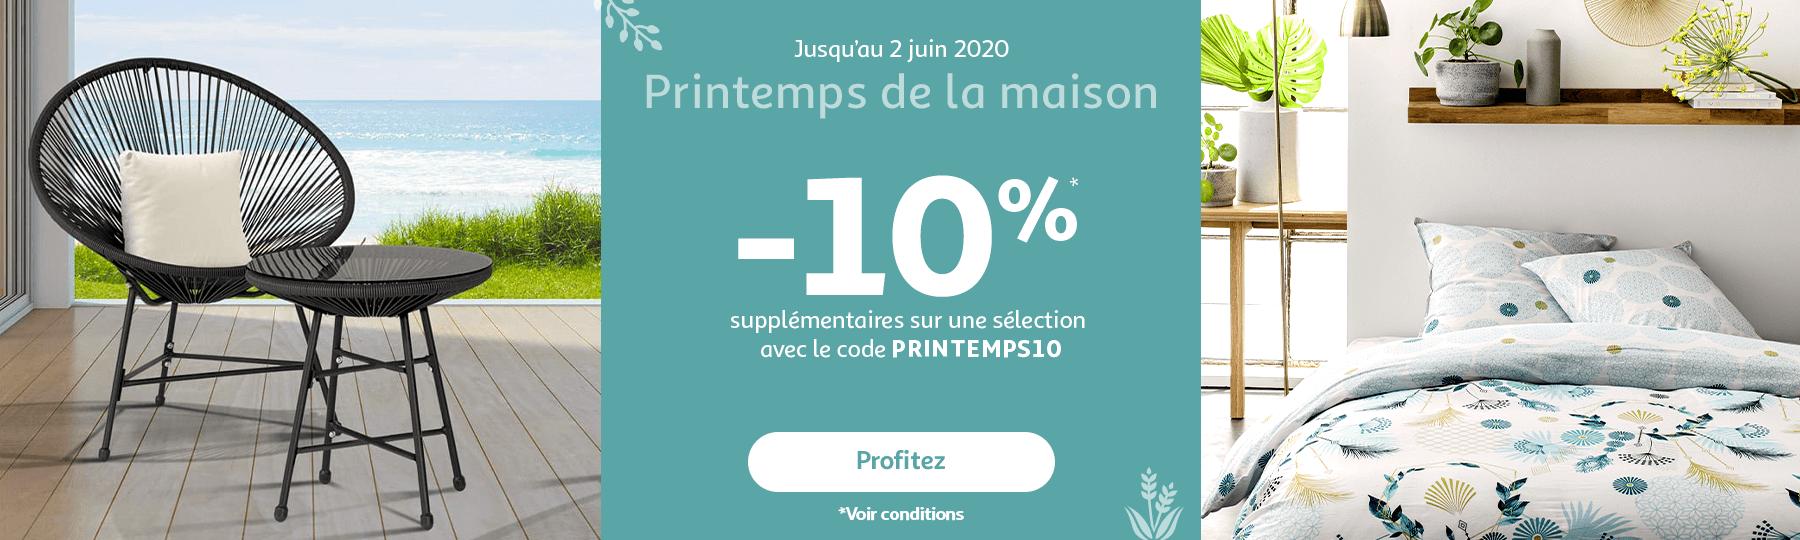 Printemps de la maison, -10% supplémentaires sur une sélection avec le code PRINTEMPS10, jusqu'au 02 juin 2020